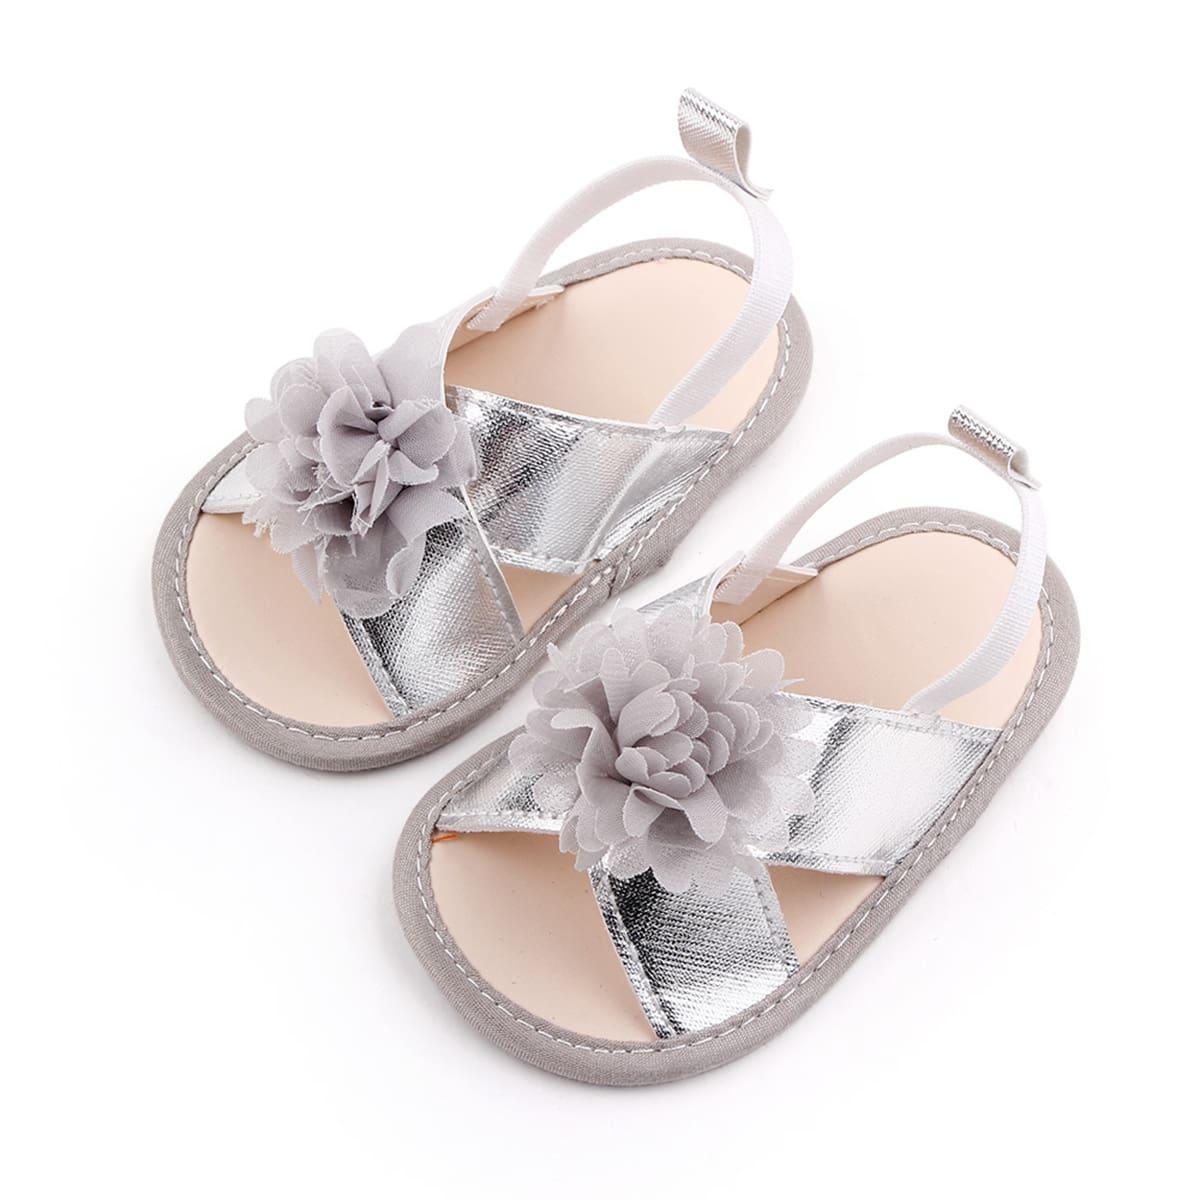 Детские сандалии с аппликацией SheIn sk2108040685824176